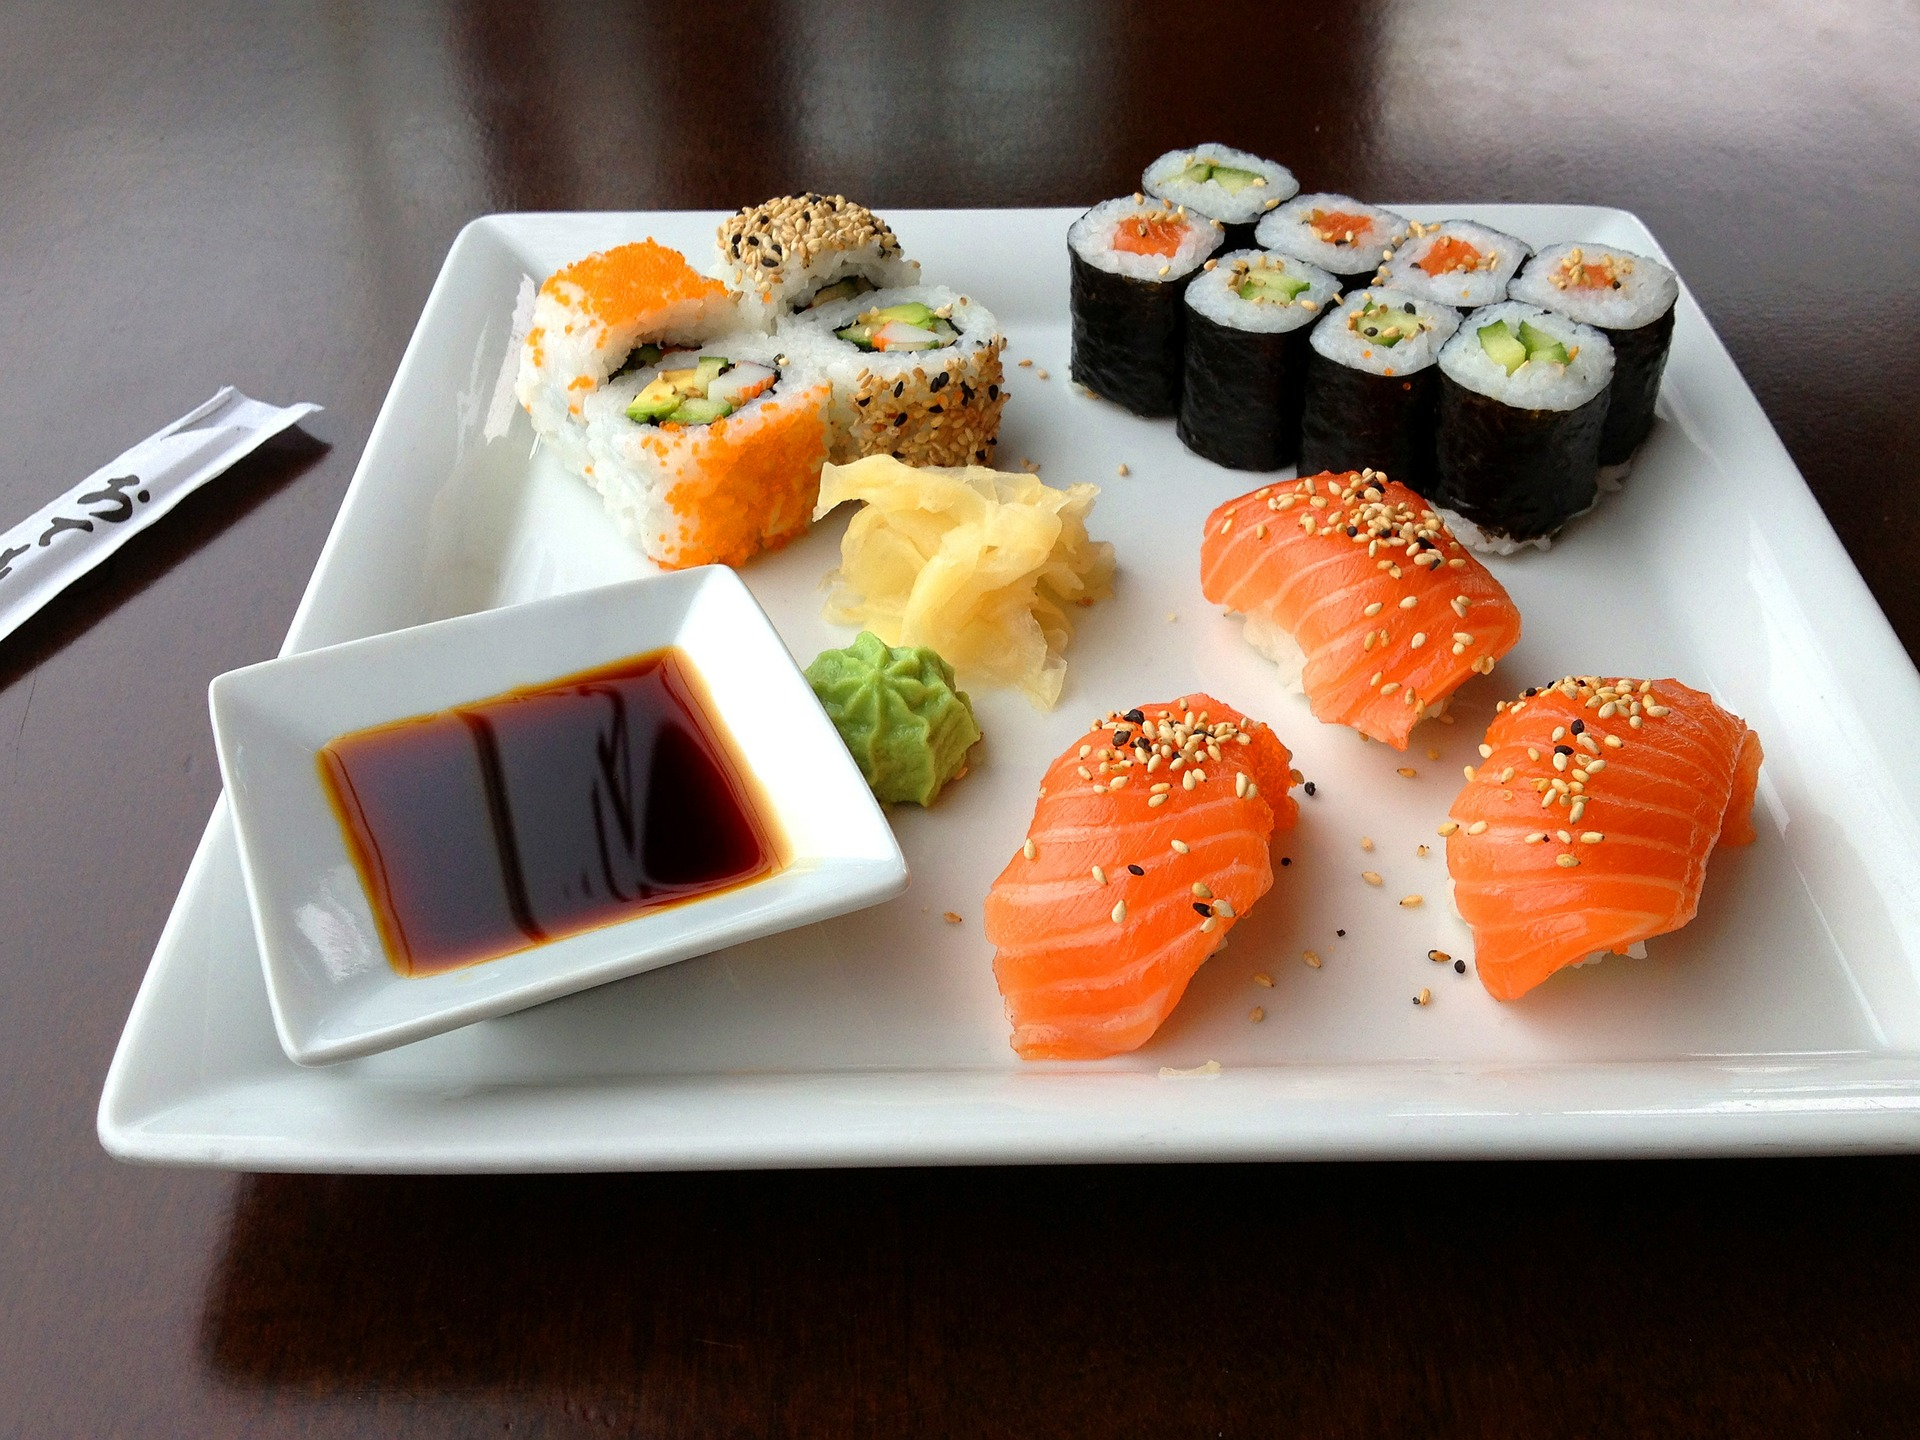 Découvrir les saveurs nippones durant un voyage au Japon